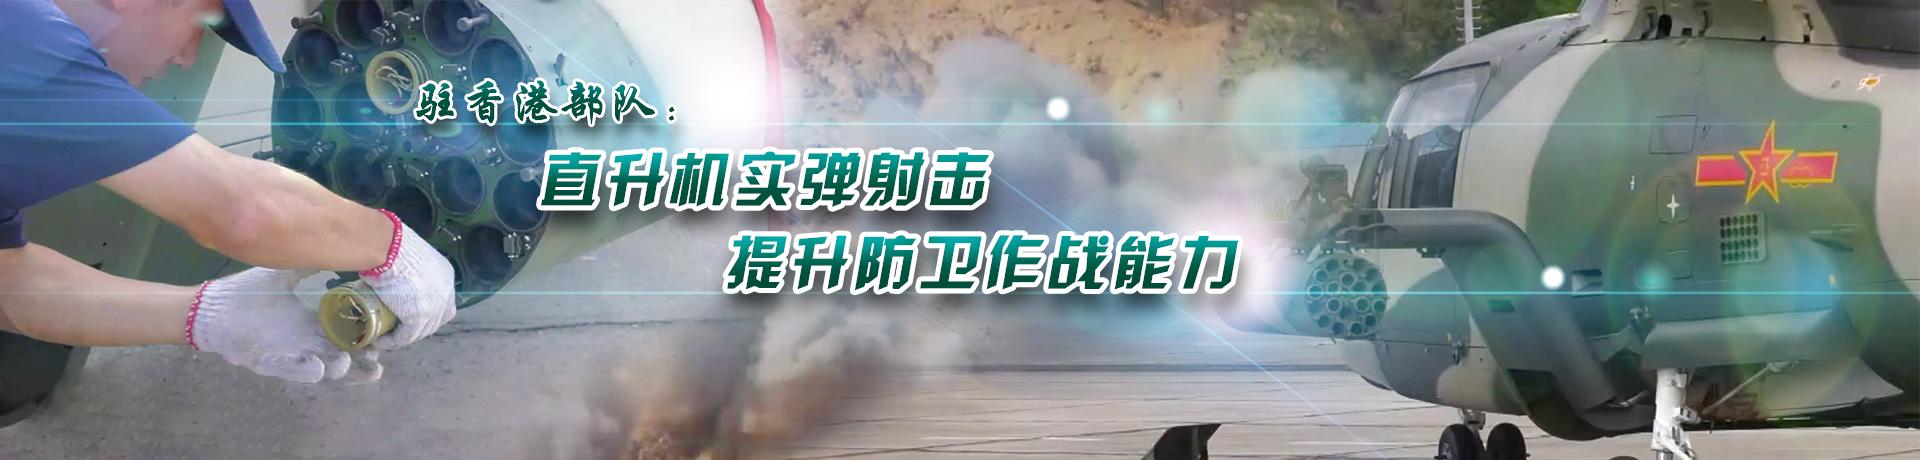 驻香港部队:直升机实弹射击 提升防卫作战能力